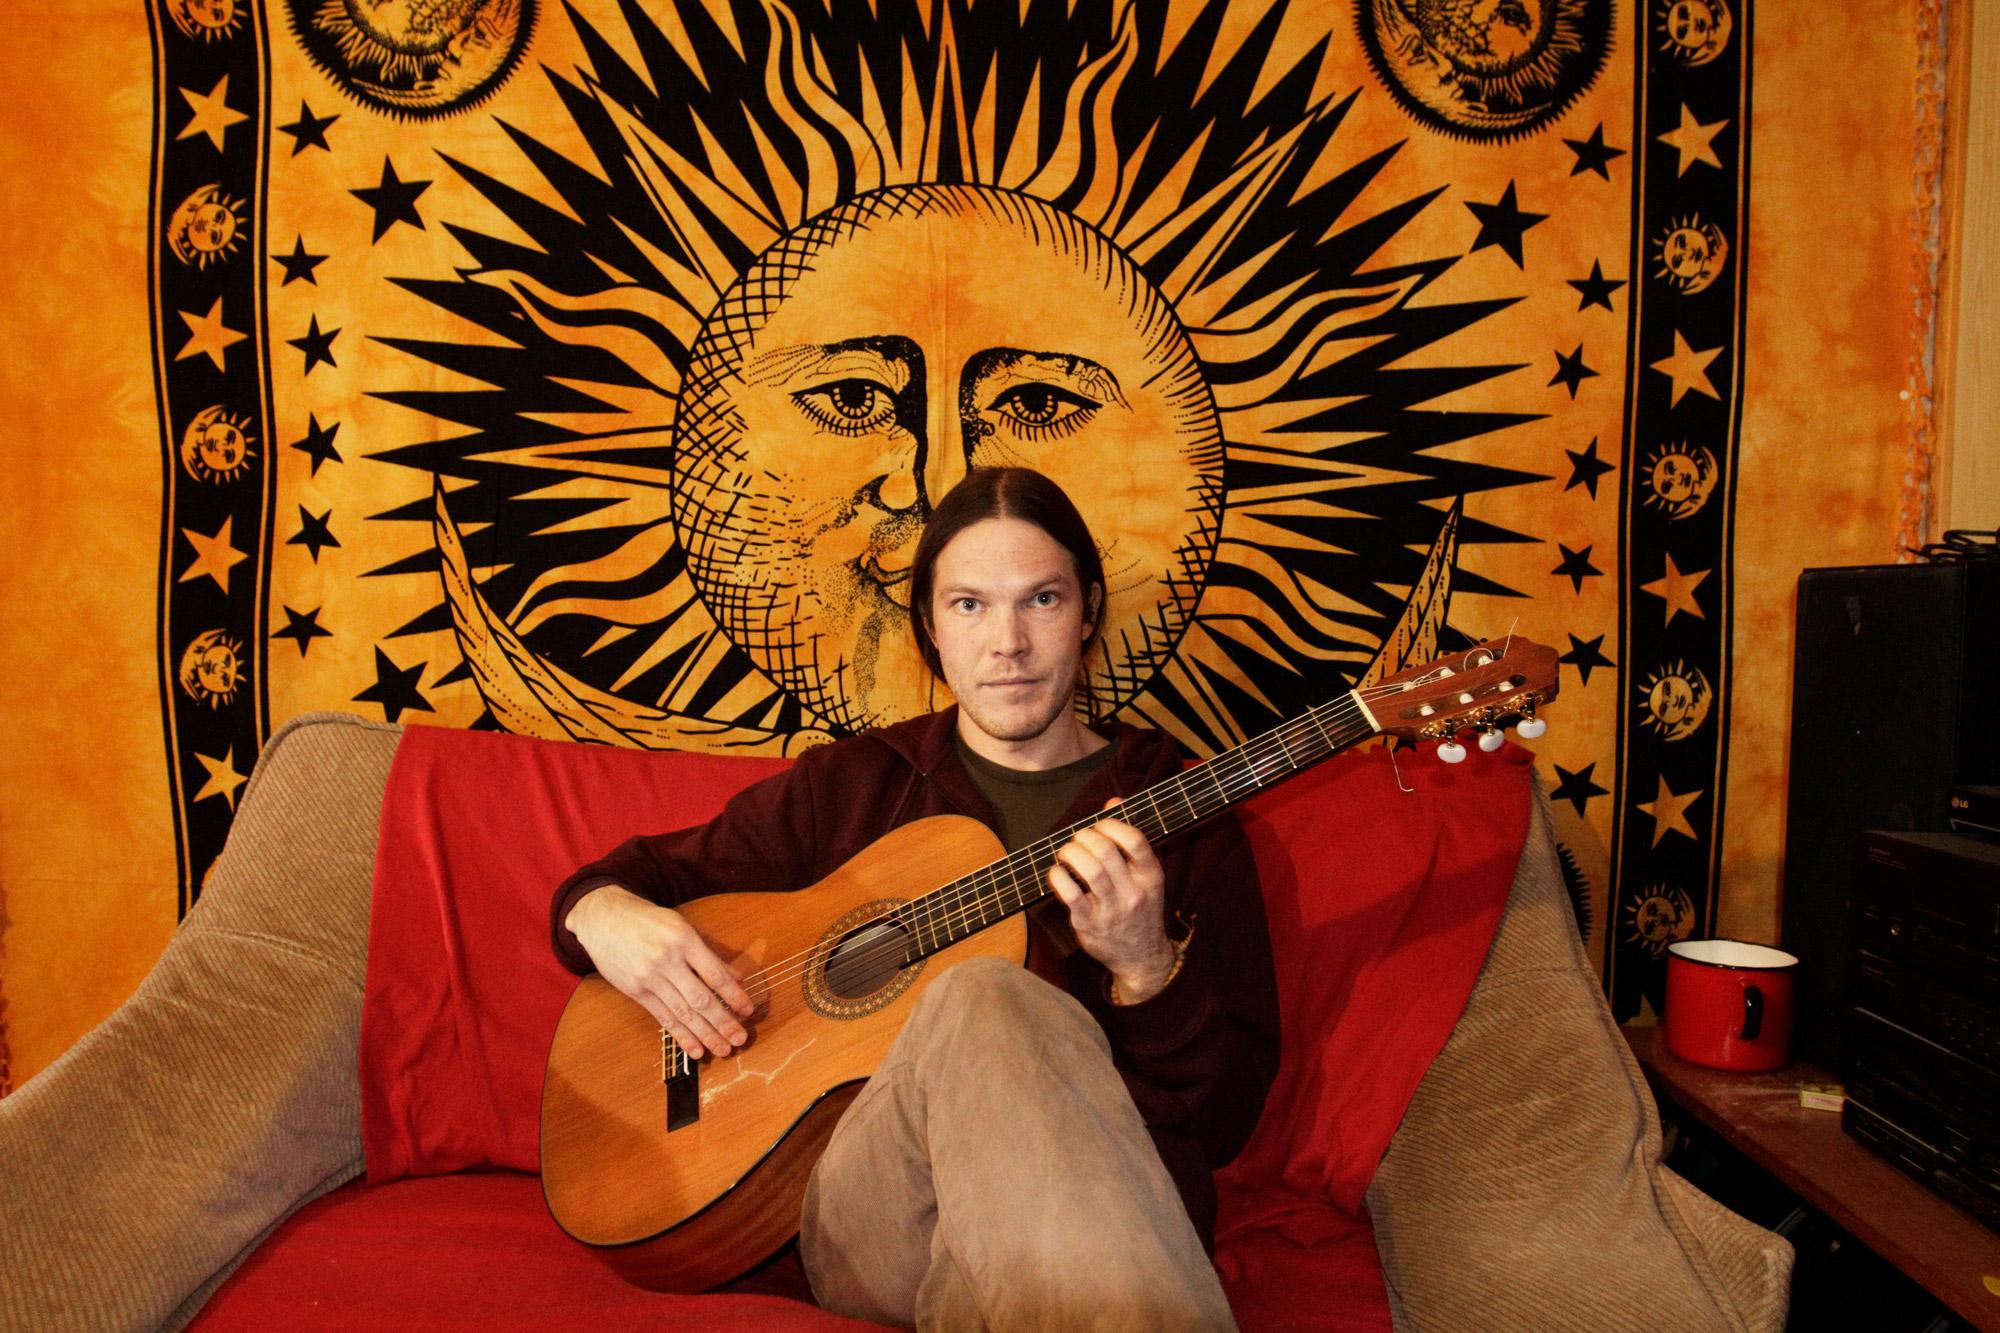 Mies istuu sohvalla ja soittaa kitaraa.